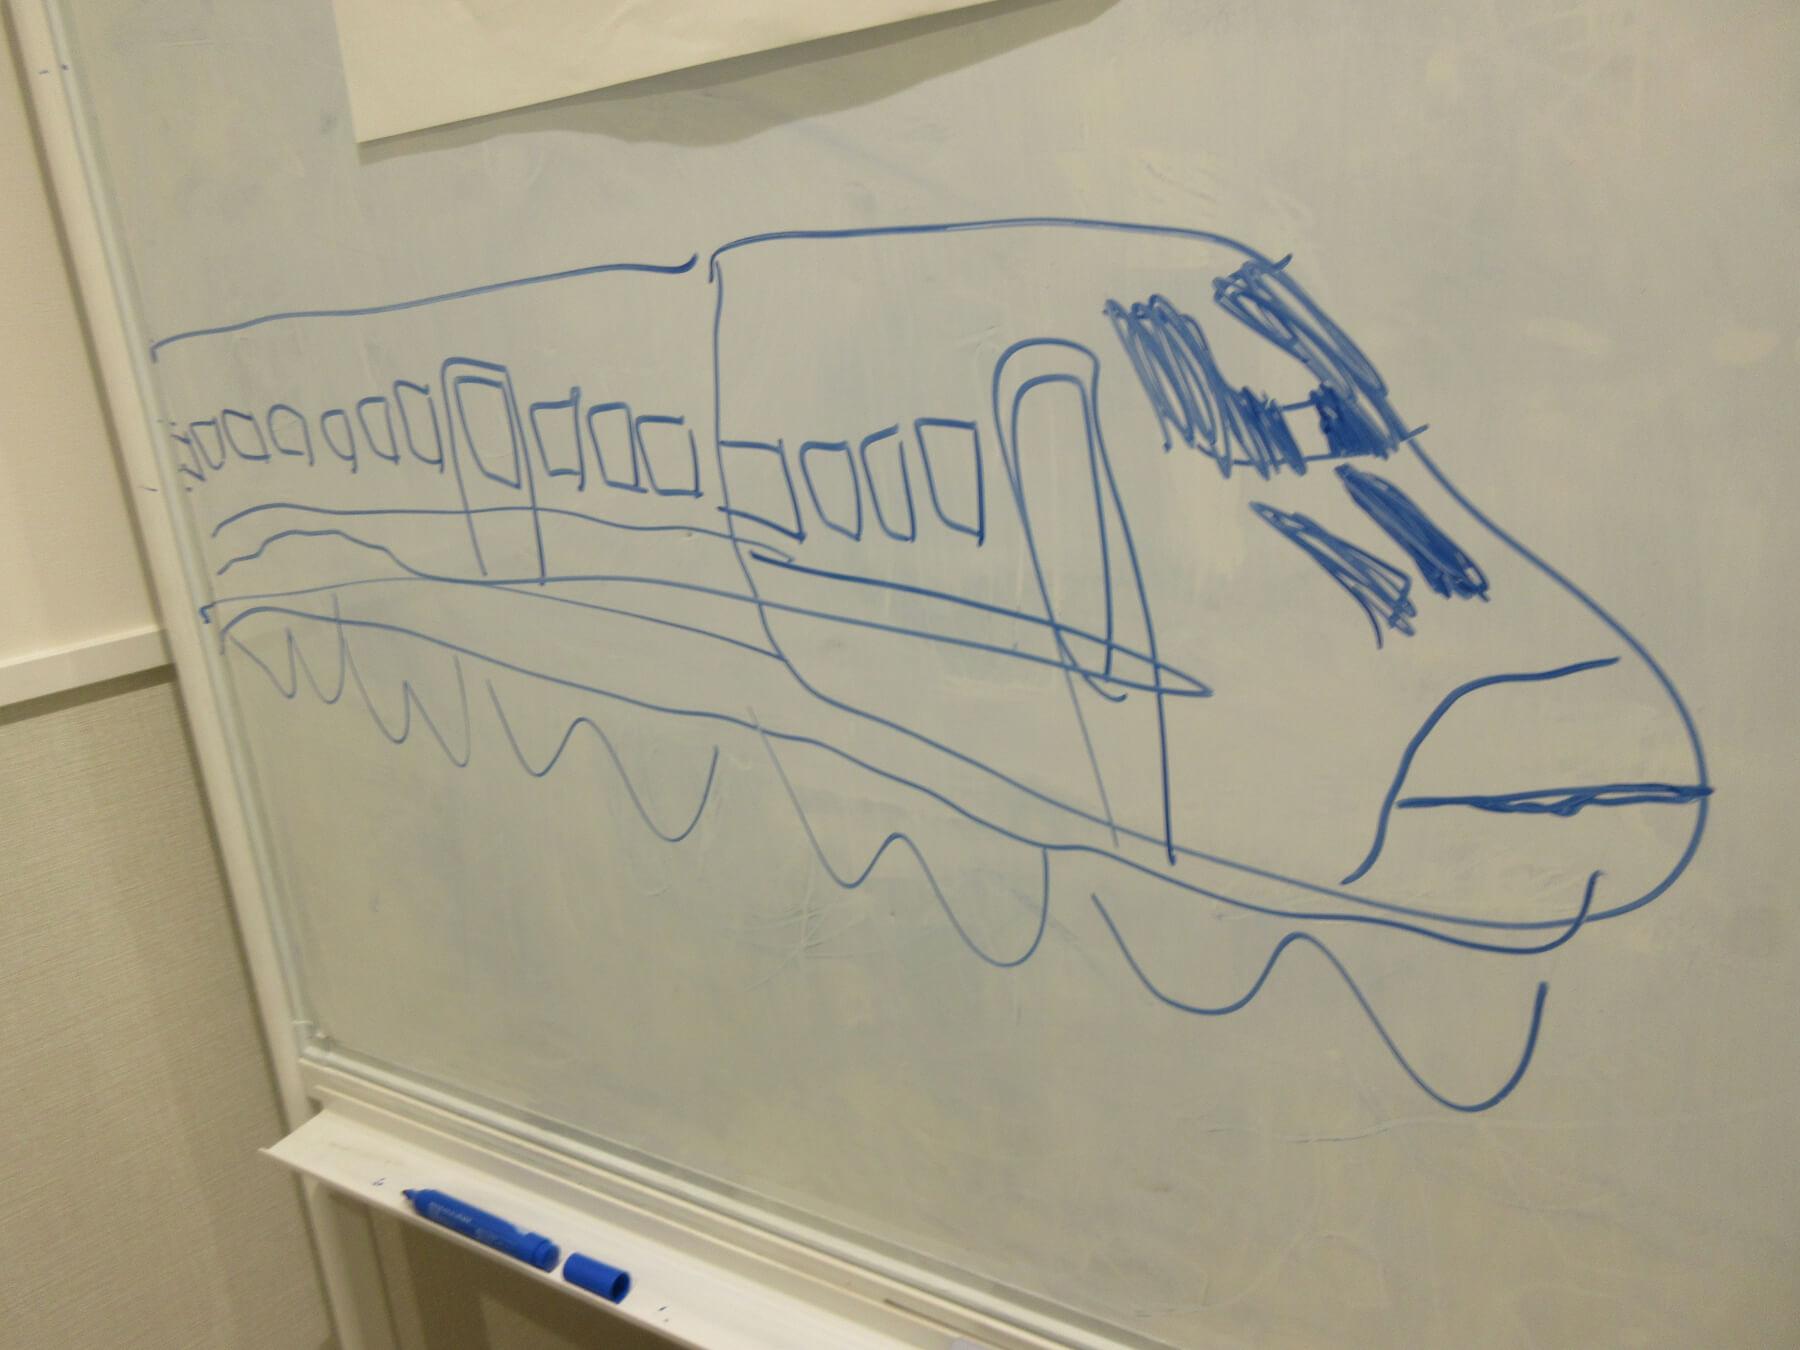 ホワイトボードに書かれた新幹線の絵